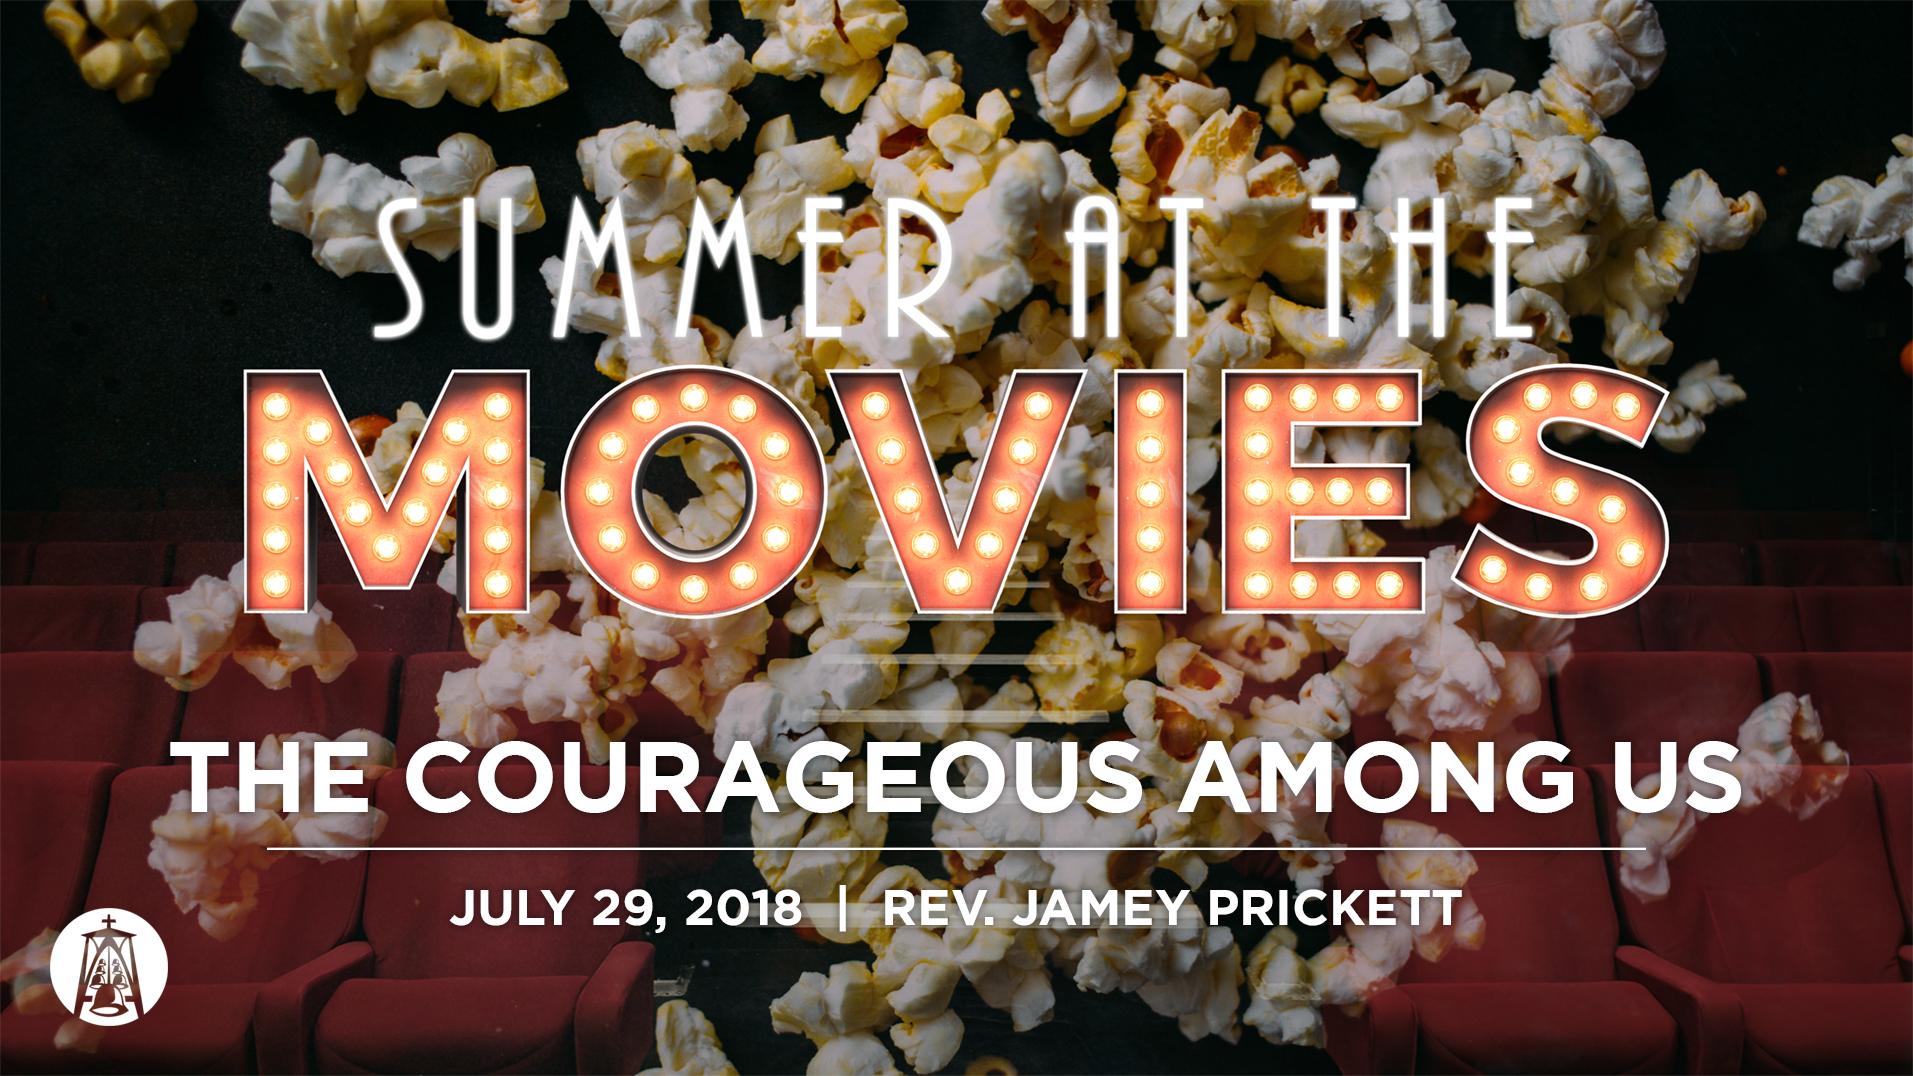 screen_thumb_summer_at_the_movies_07292018.jpg